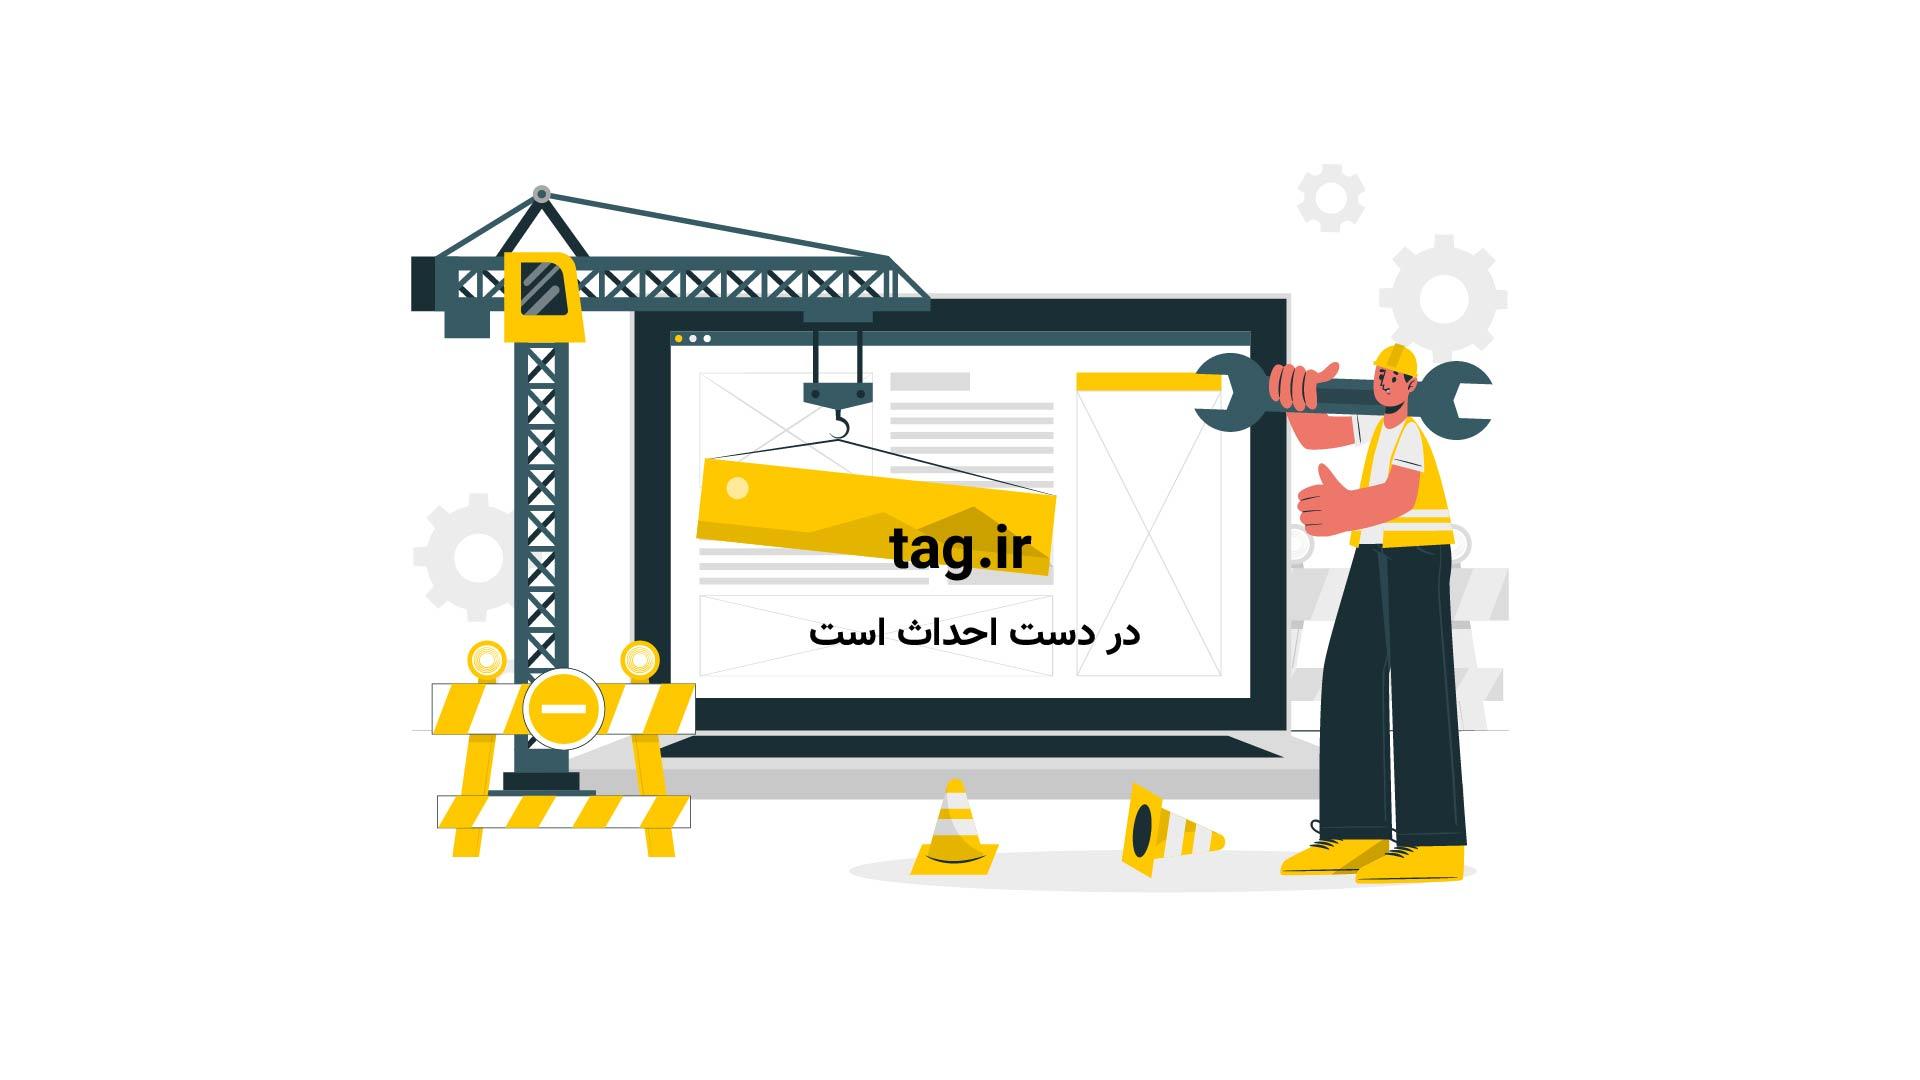 پرواز خطرناک نزدیک هواپیمای هیات پوتین | فیلم